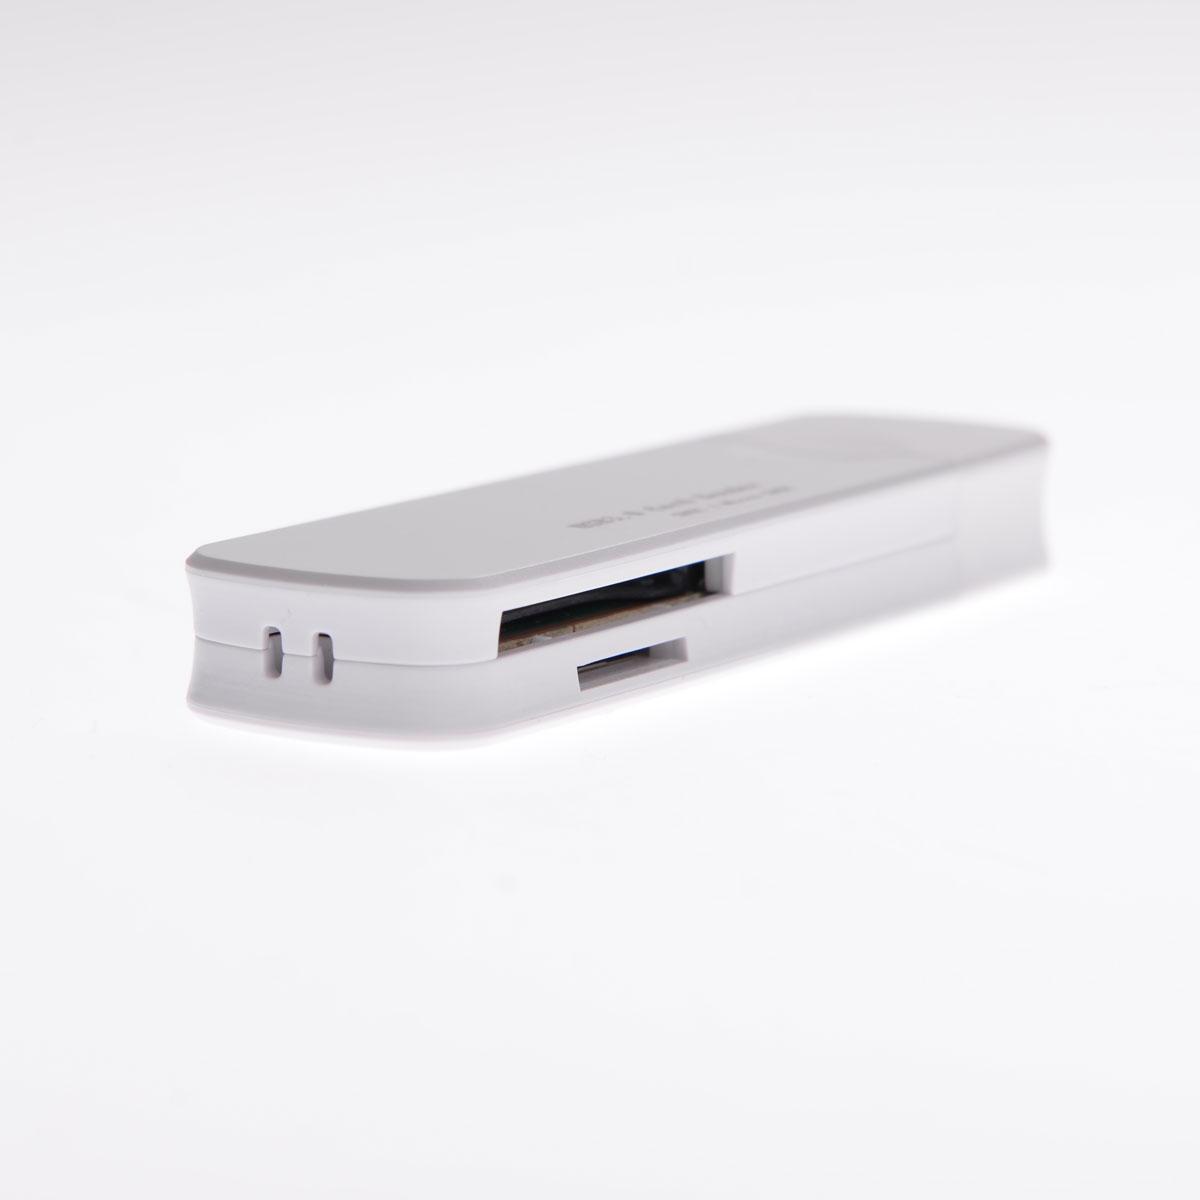 Card Reader USB 3.0  51126-Λευκό - 1252 32328 + Λευκό